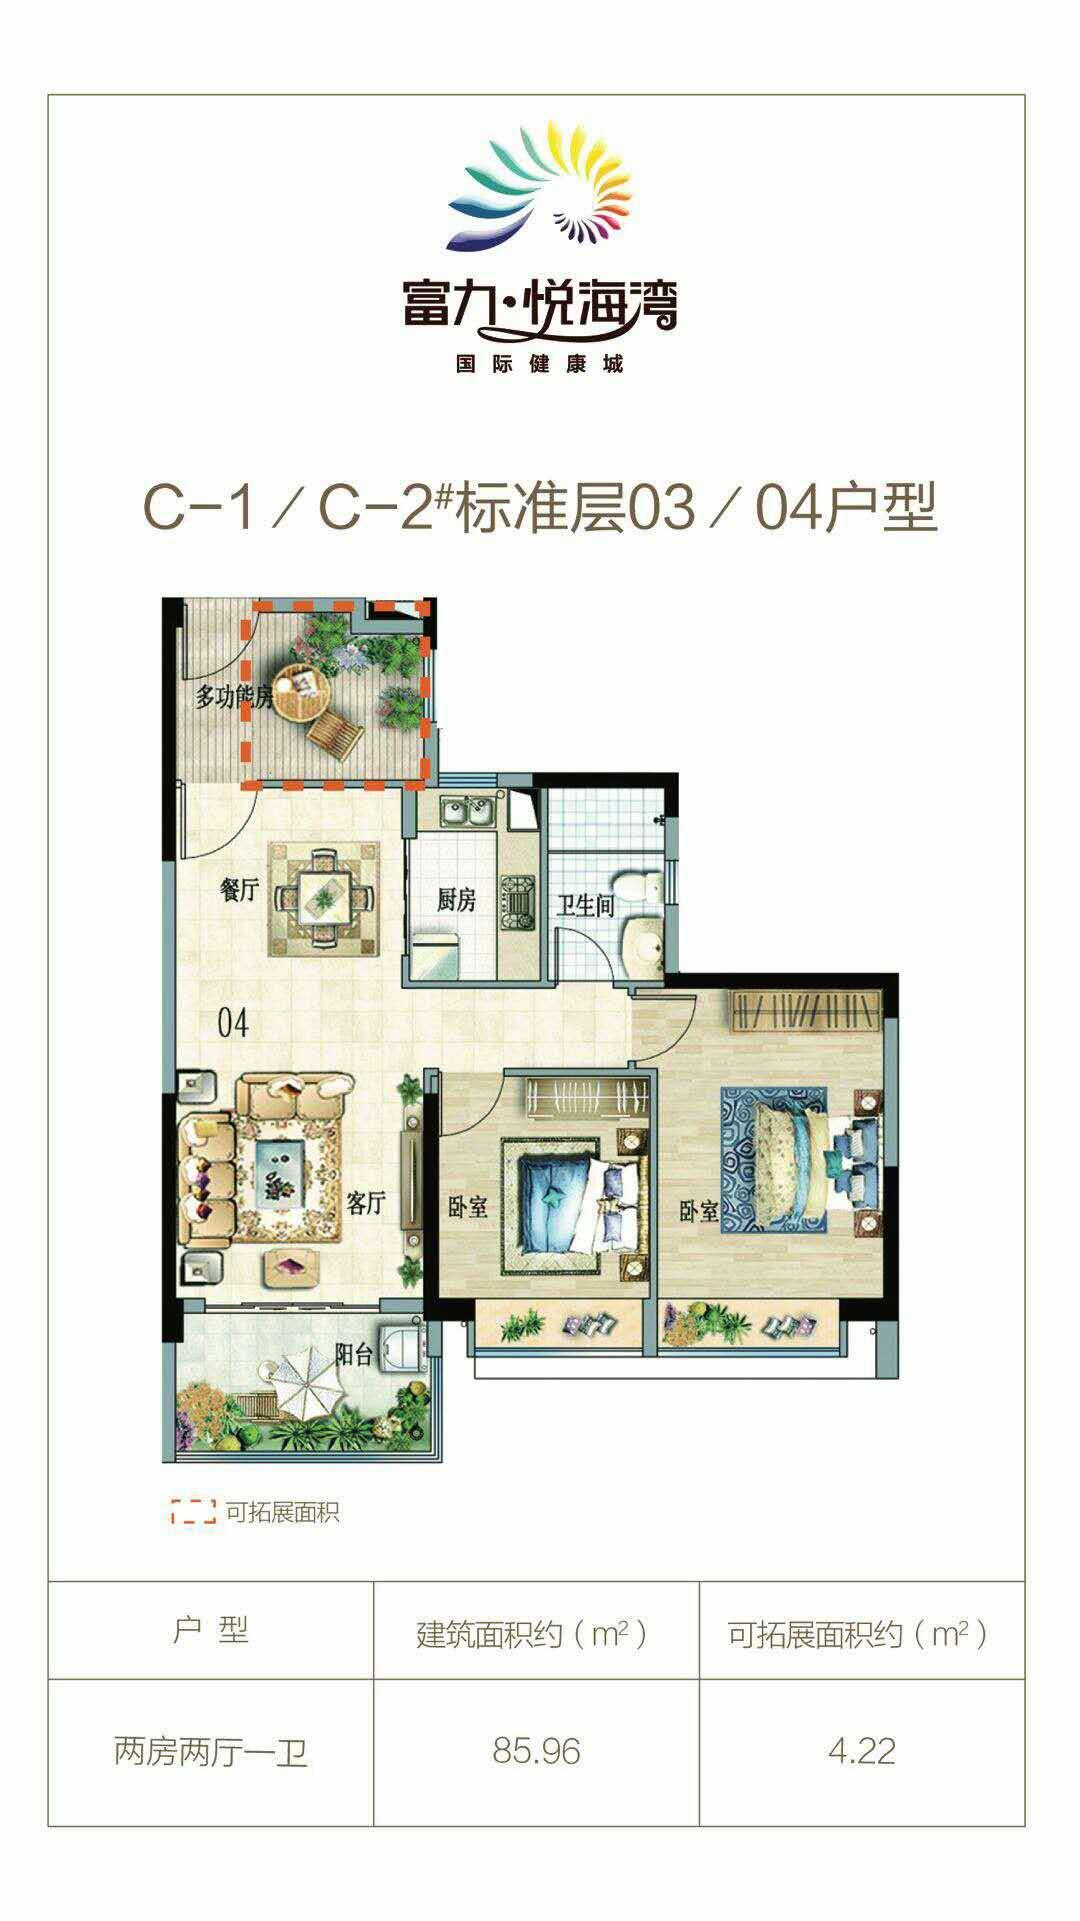 富力悦海湾C-1、C-2标准层03、04户型两房两厅一卫85.96平方米